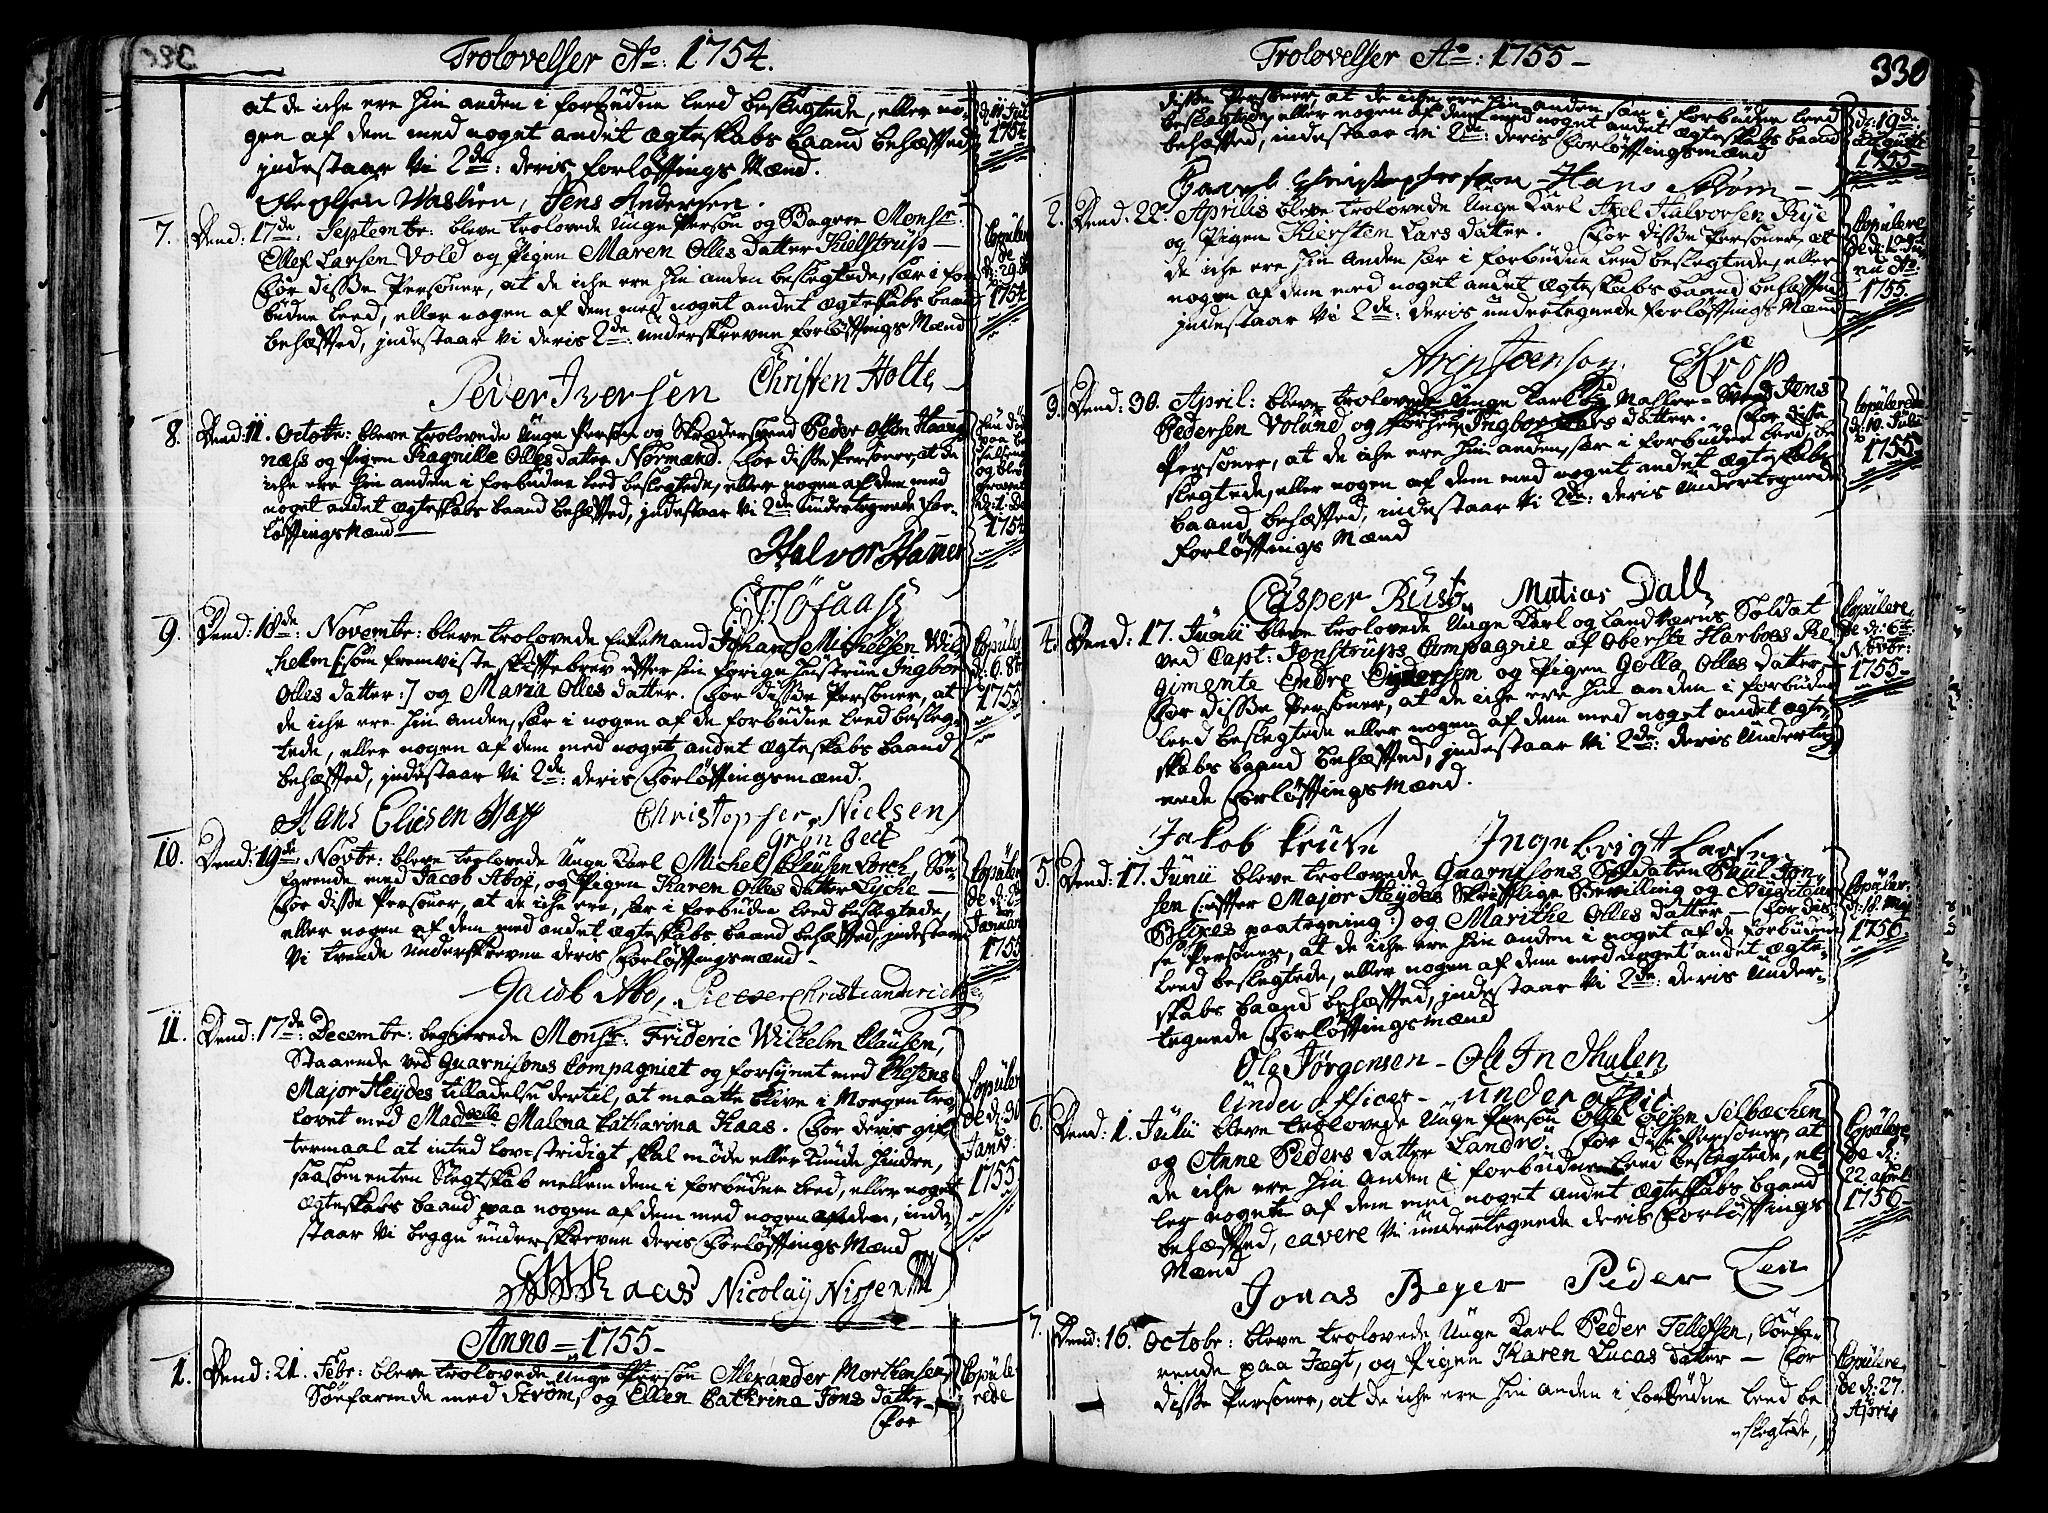 SAT, Ministerialprotokoller, klokkerbøker og fødselsregistre - Sør-Trøndelag, 602/L0103: Ministerialbok nr. 602A01, 1732-1774, s. 330